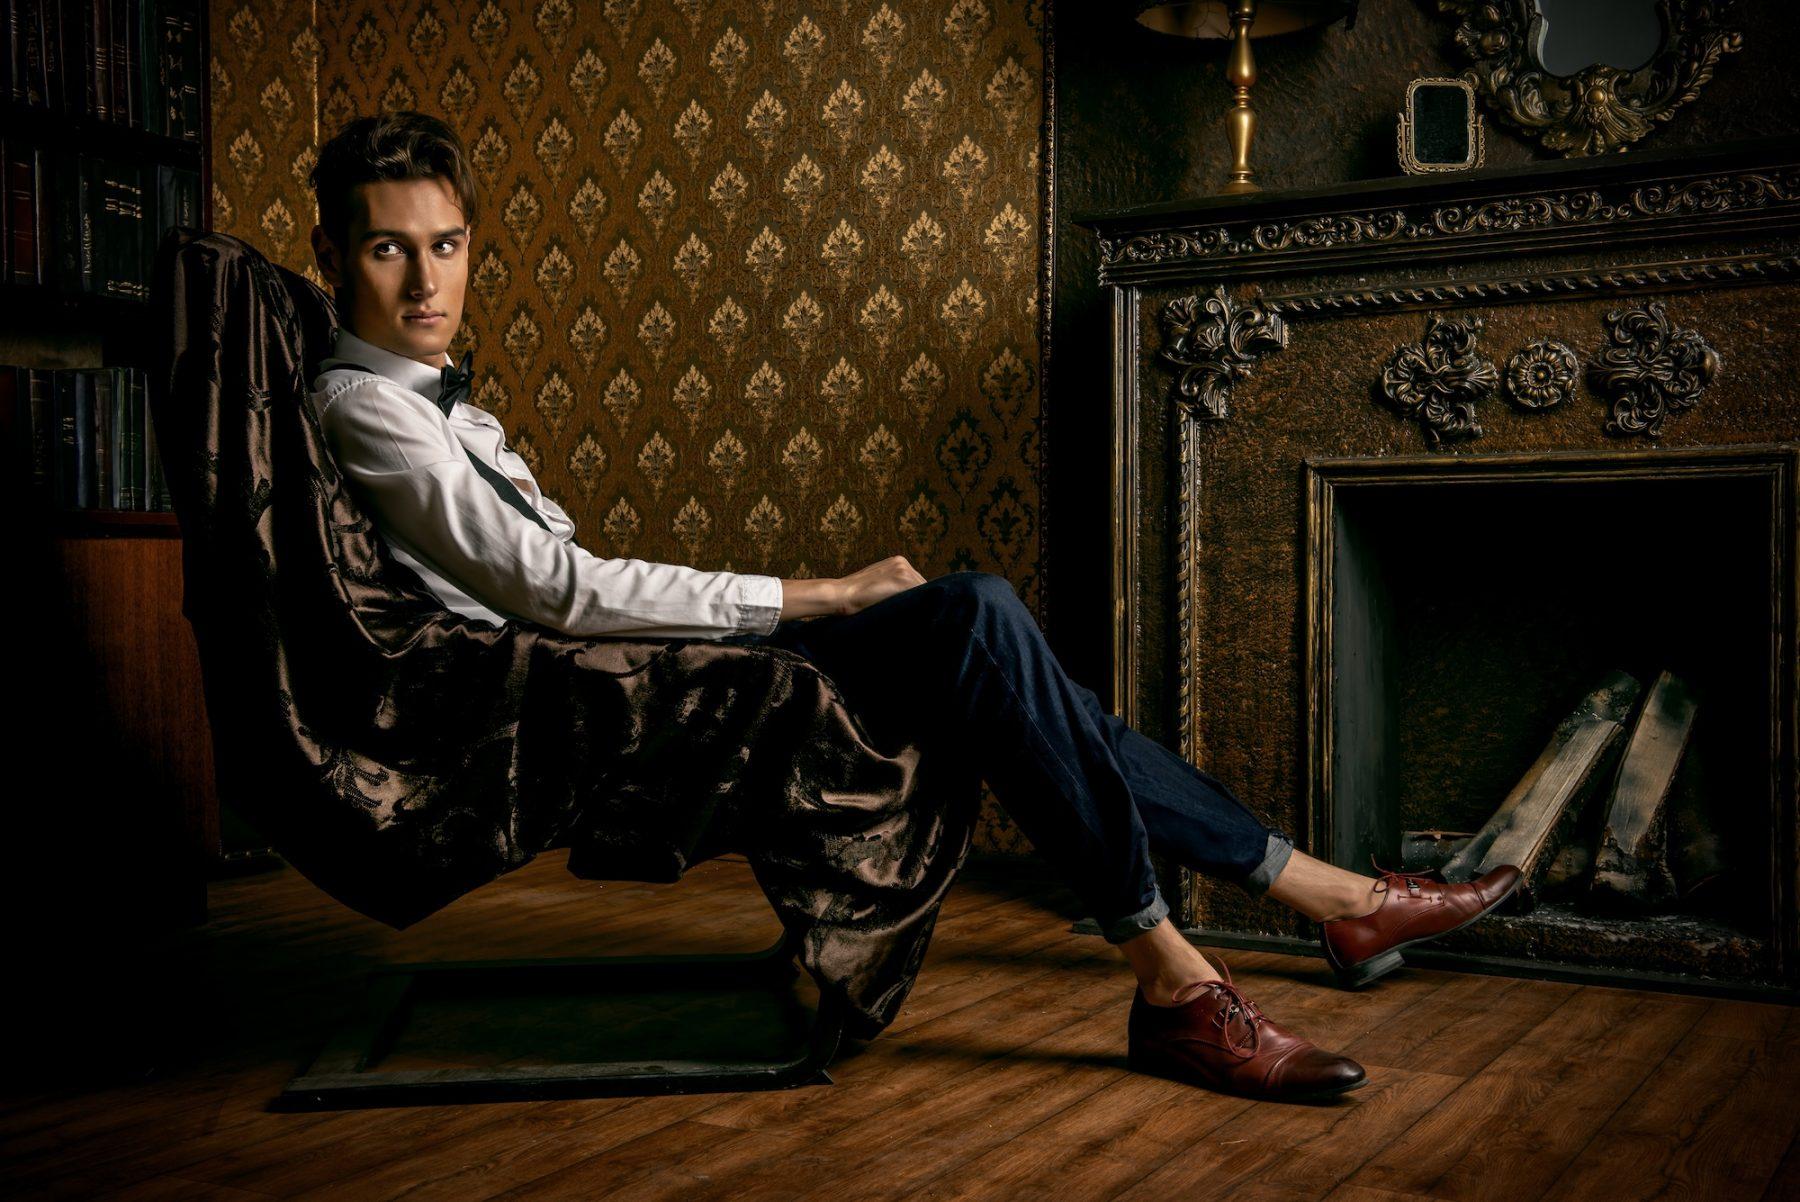 Homme au style dandy assis dans un fauteuil de cuir face à une cheminée.